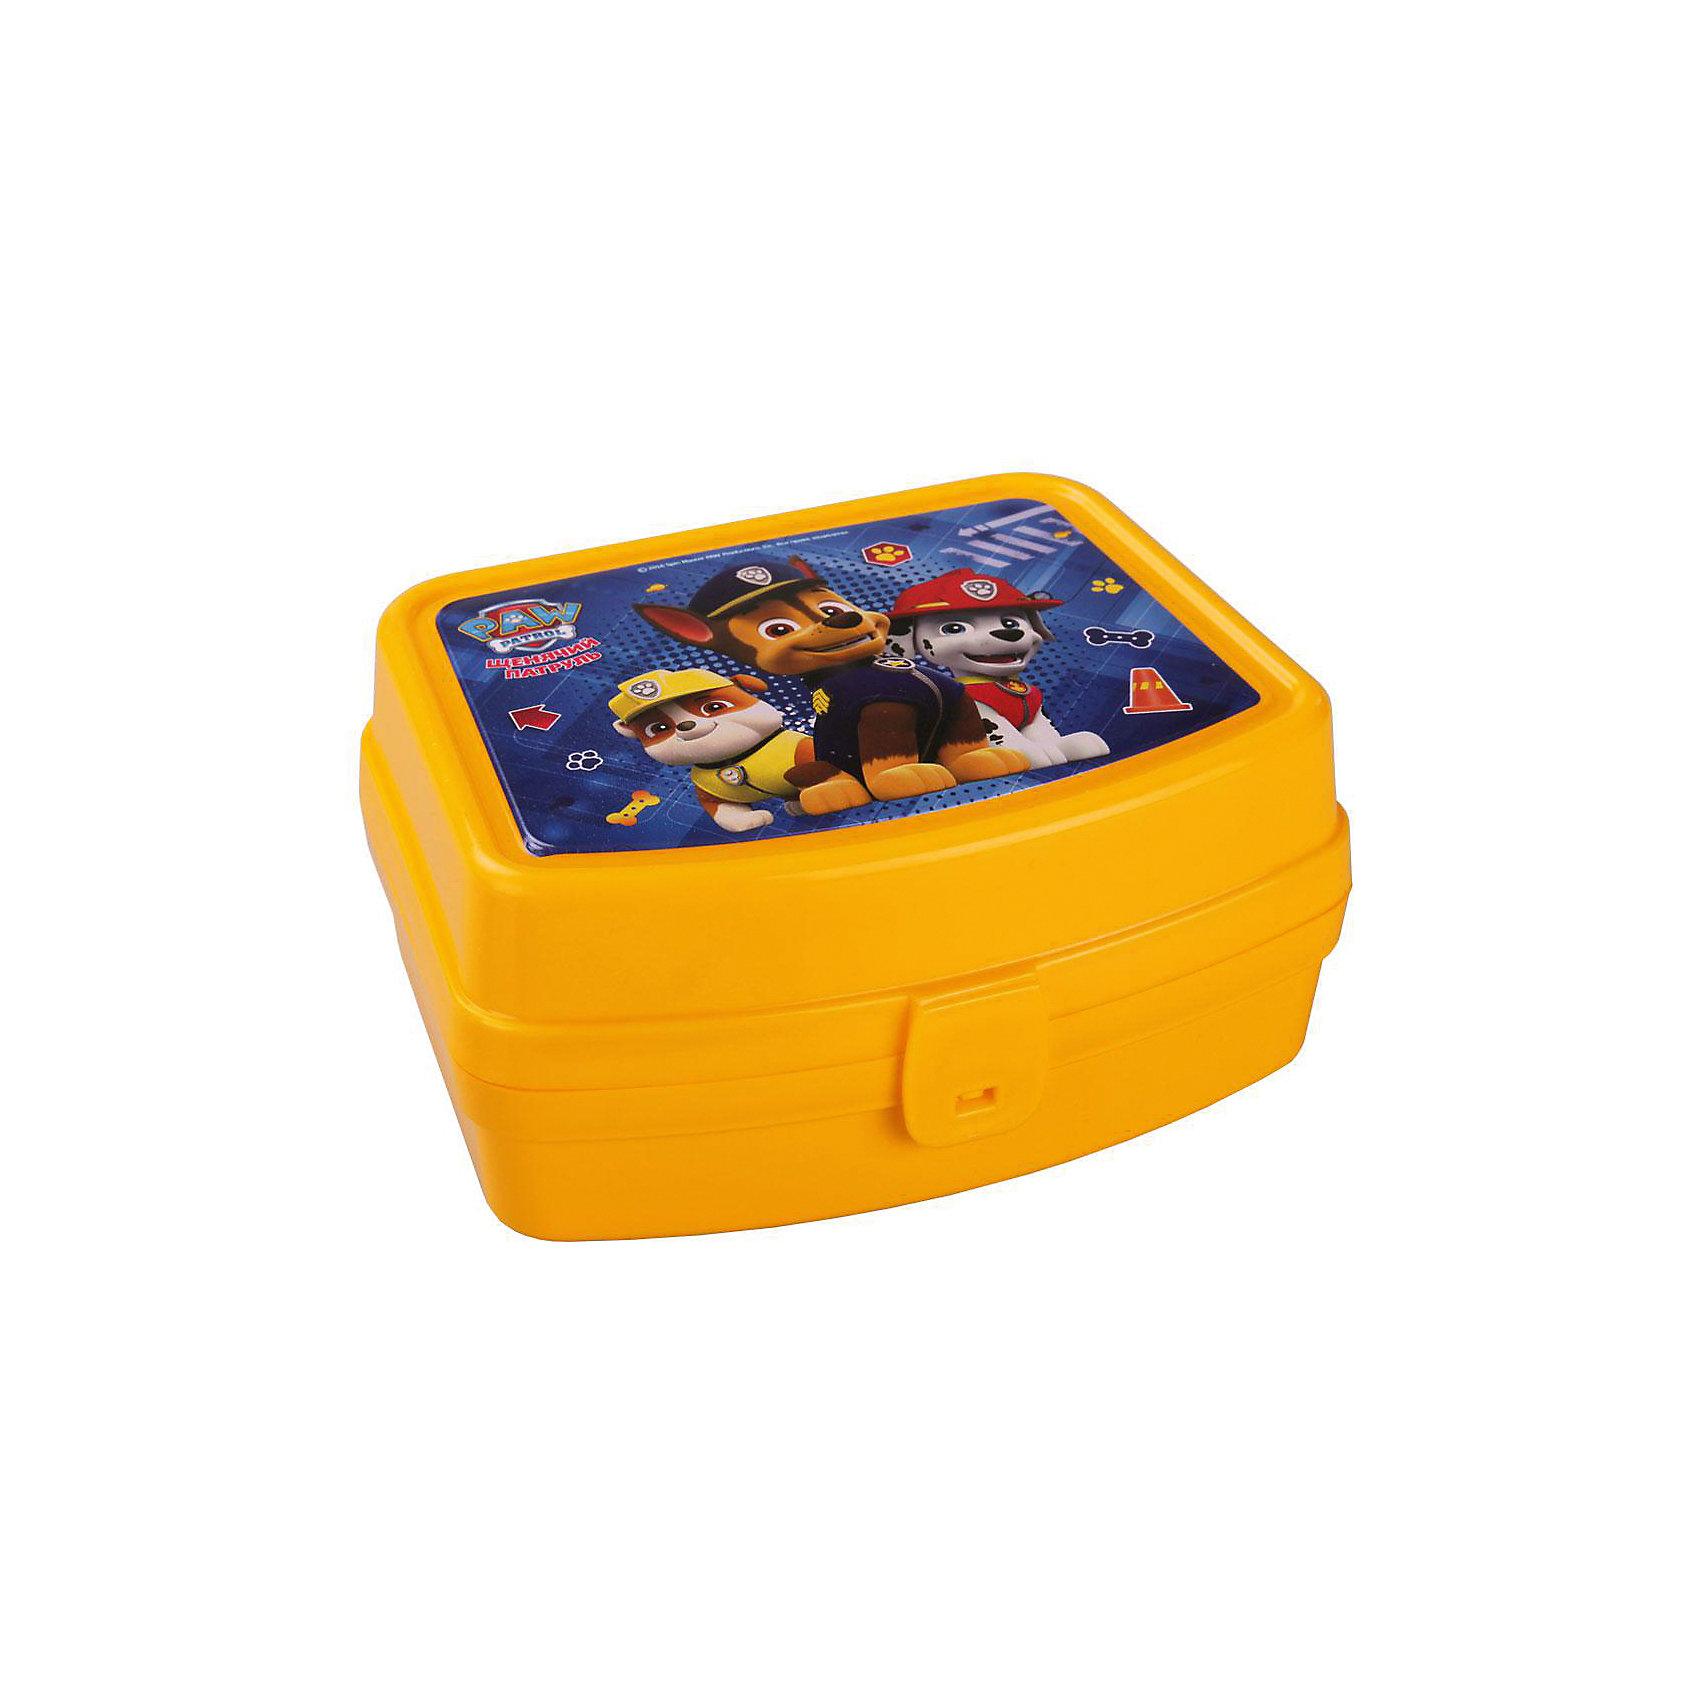 Контейнер Щенячий патруль прямоуголный, AlternativaБутылки для воды и бутербродницы<br>Контейнер Щенячий патруль прямоуголный, Alternativa.<br><br>Характеристики:<br><br>• Для детей в возрасте: от 3 до 7 лет<br>• Материал: пластик<br>• Цвет: желтый<br>• Размер: 16,5х13,5х8 см.<br>• Вес: 140 гр.<br><br>Яркий прямоугольный контейнер с изображением щенков-спасателей из мультсериала Щенячий патруль порадует Вашего ребенка. Он отлично подойдет для хранения самых ценных вещей вашего малыша. Контейнер изготовлен из безопасного пластика, плотно закрывается крышкой с удобным замком. Контейнер компактен, не займет много места. Соответствует требованиям безопасности и стандартам качества продукции.<br><br>Контейнер Щенячий патруль прямоуголный, Alternativa можно купить в нашем интернет-магазине.<br><br>Ширина мм: 165<br>Глубина мм: 135<br>Высота мм: 80<br>Вес г: 140<br>Возраст от месяцев: 36<br>Возраст до месяцев: 84<br>Пол: Мужской<br>Возраст: Детский<br>SKU: 5614412